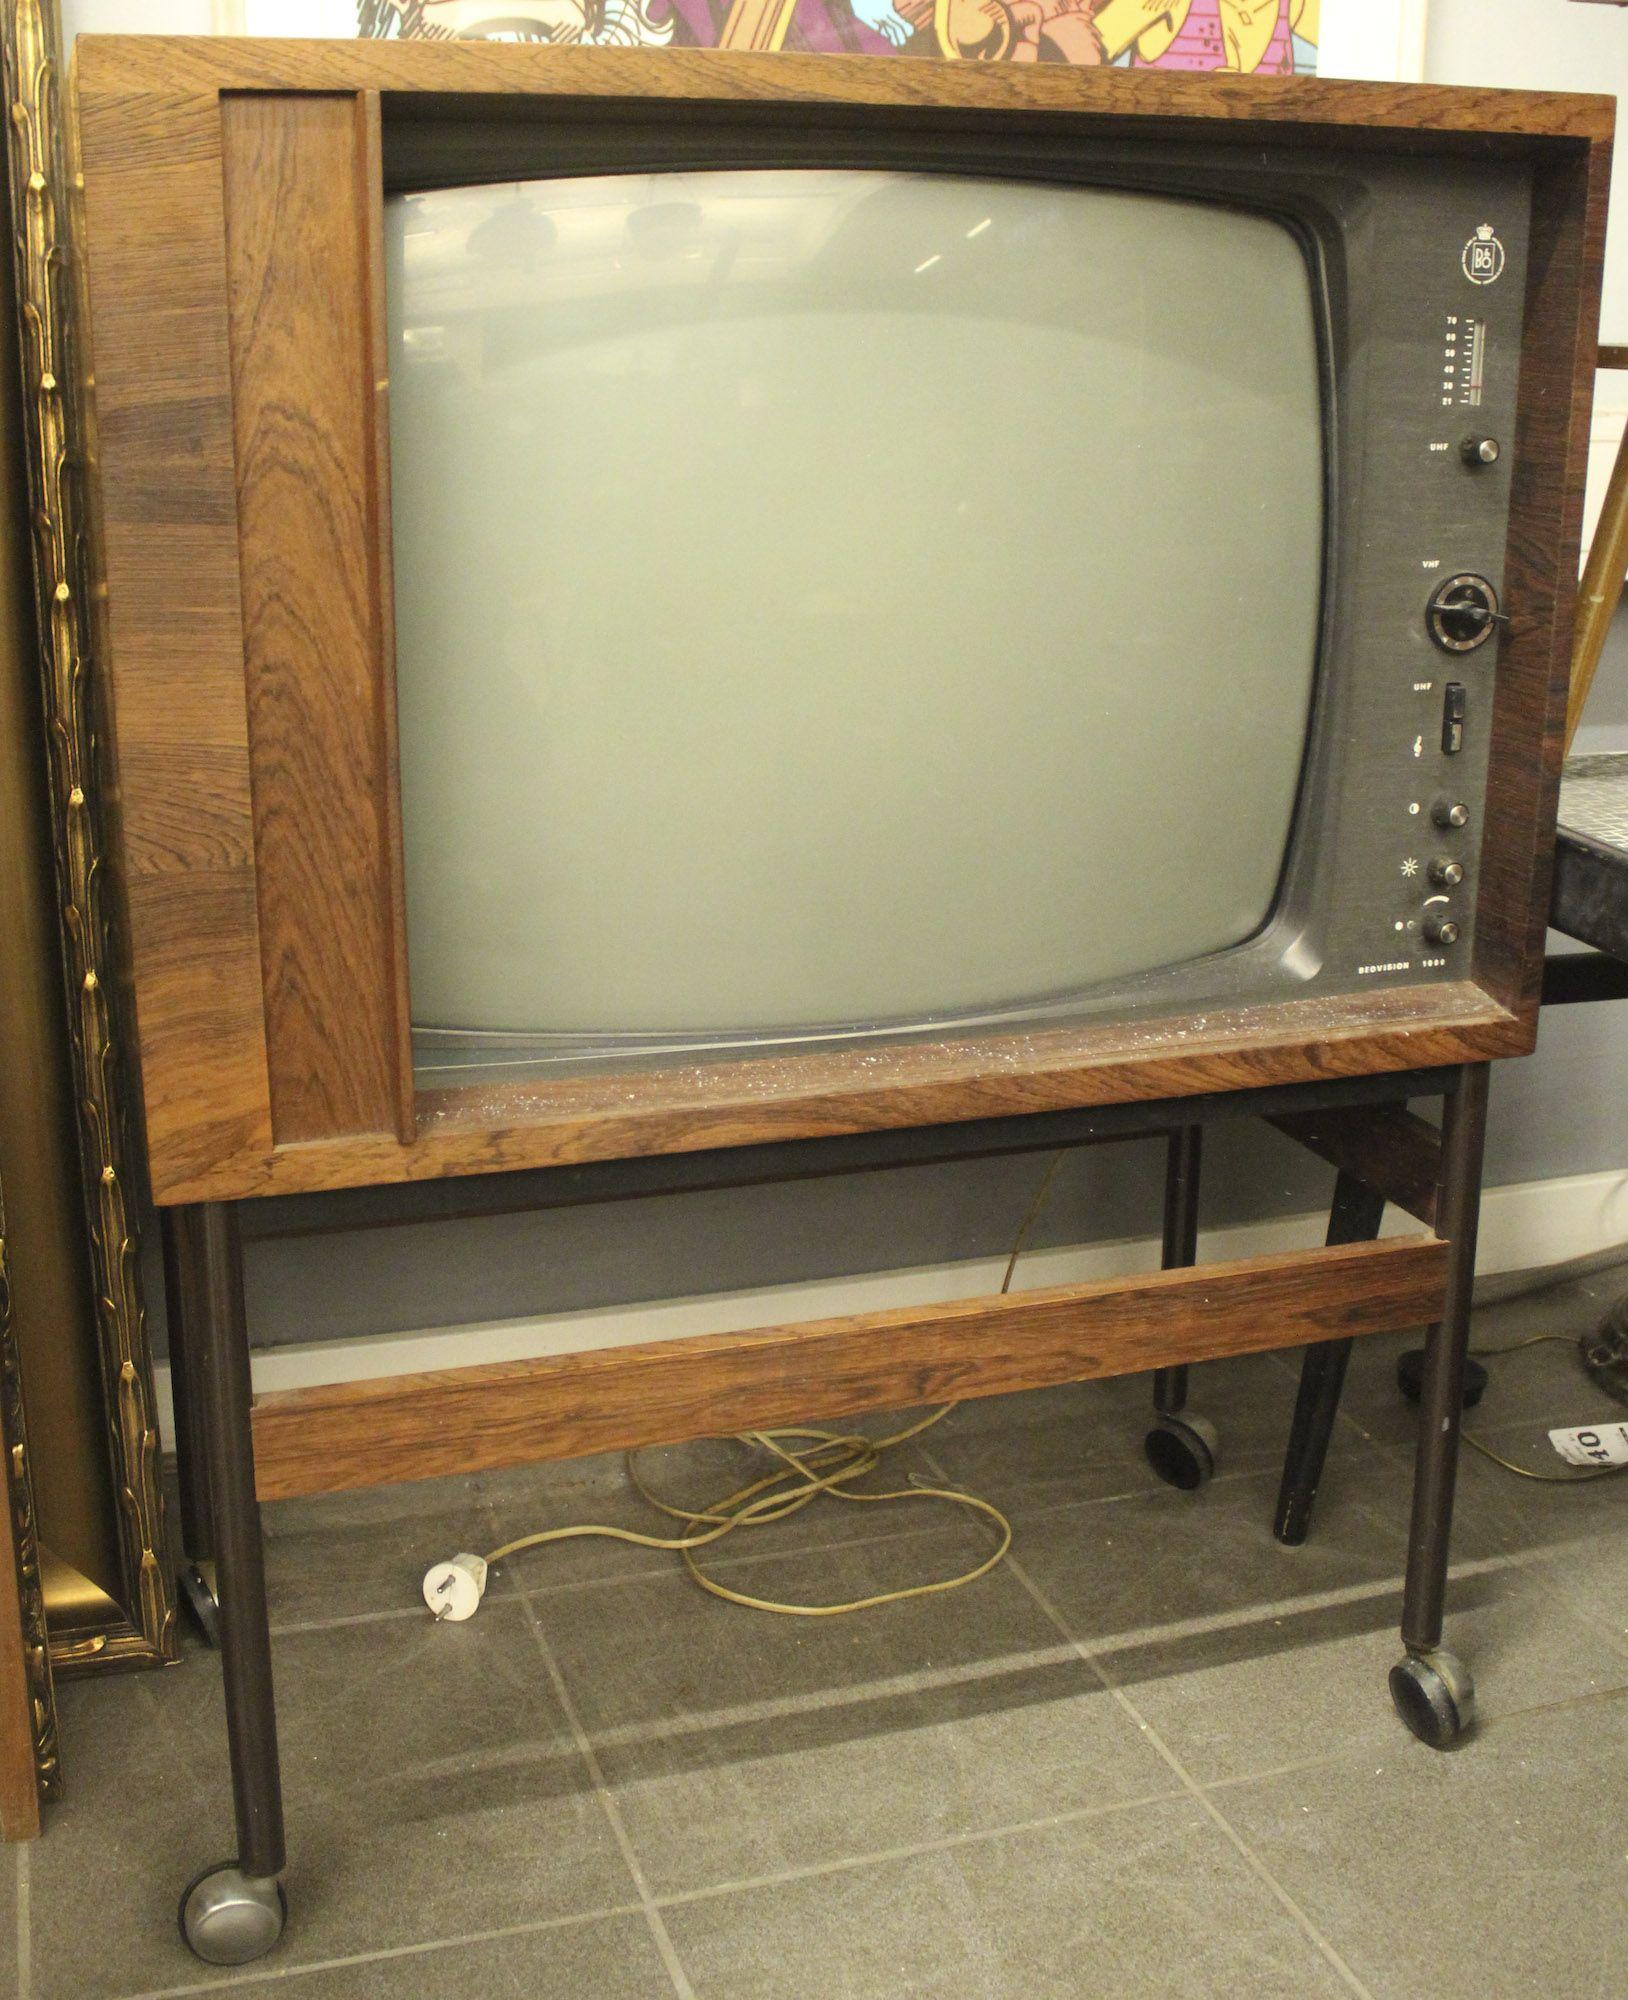 tv m bel b o bang olufsen beovision 1000 l ngd 67 djup 40 h jd 86 ej. Black Bedroom Furniture Sets. Home Design Ideas